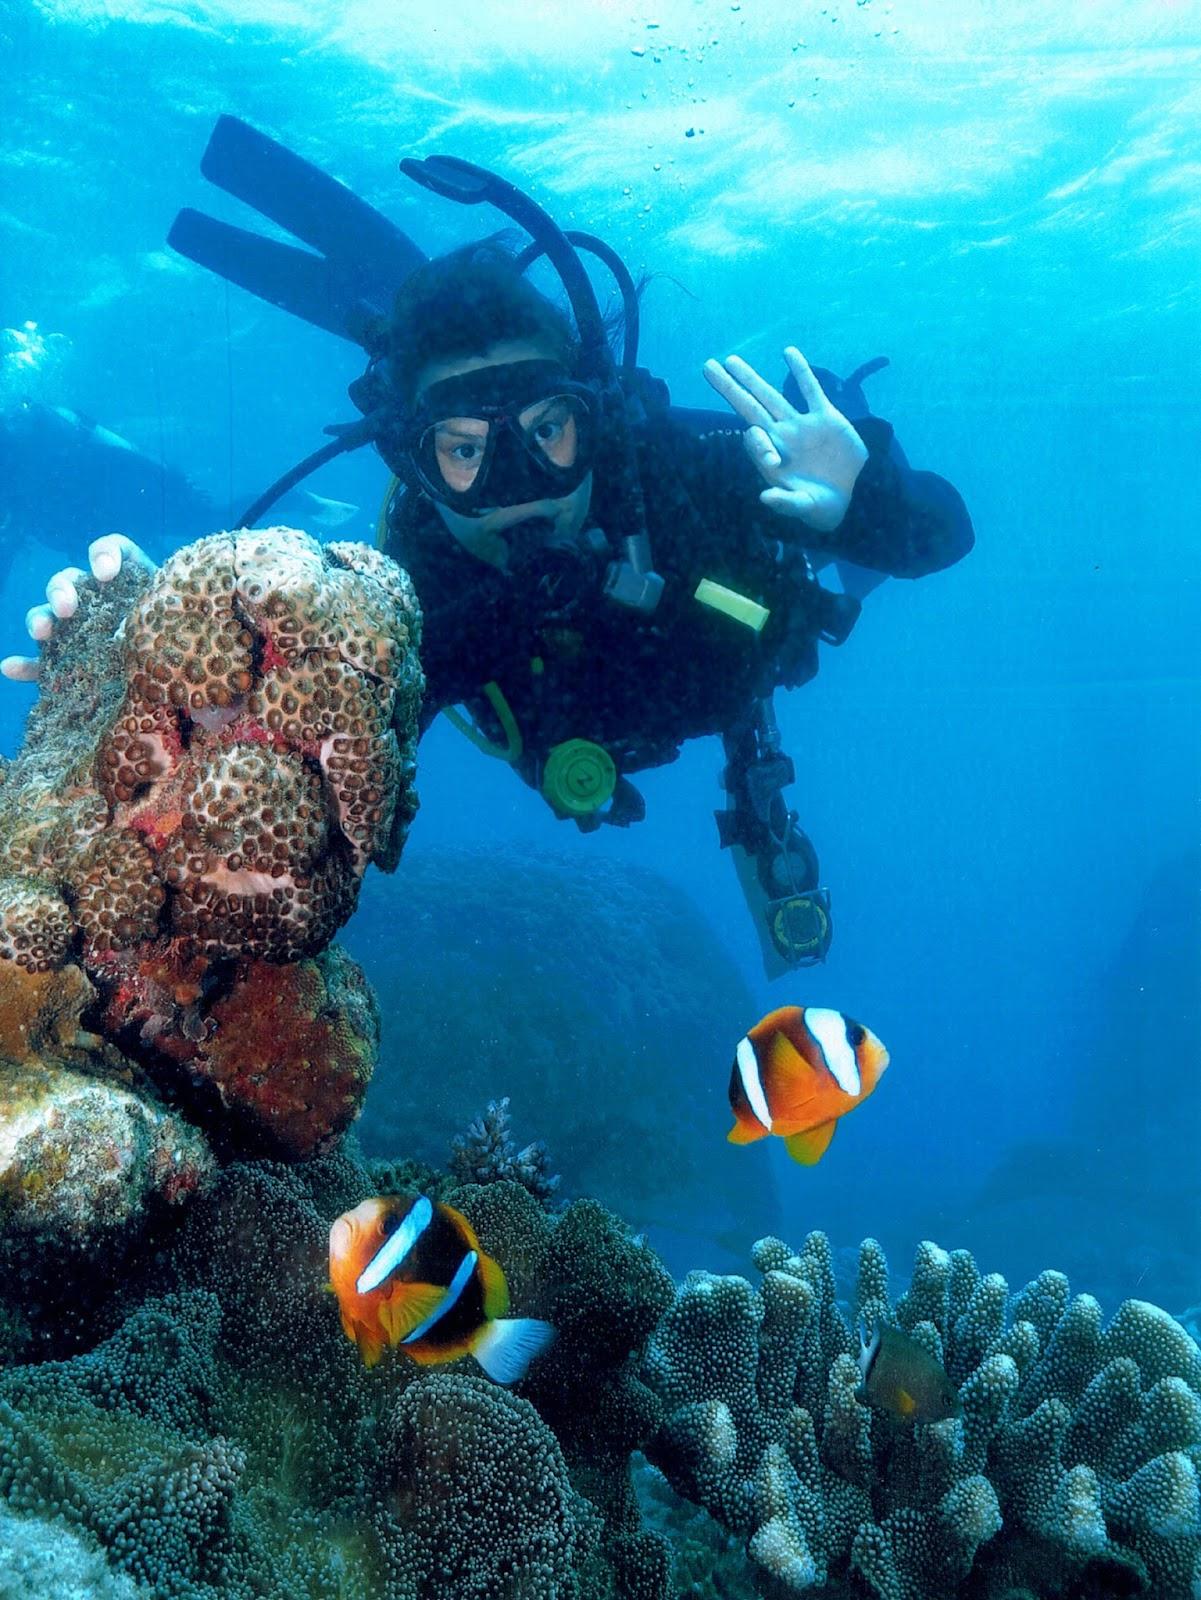 水肺潜水,大堡礁,尼莫鱼